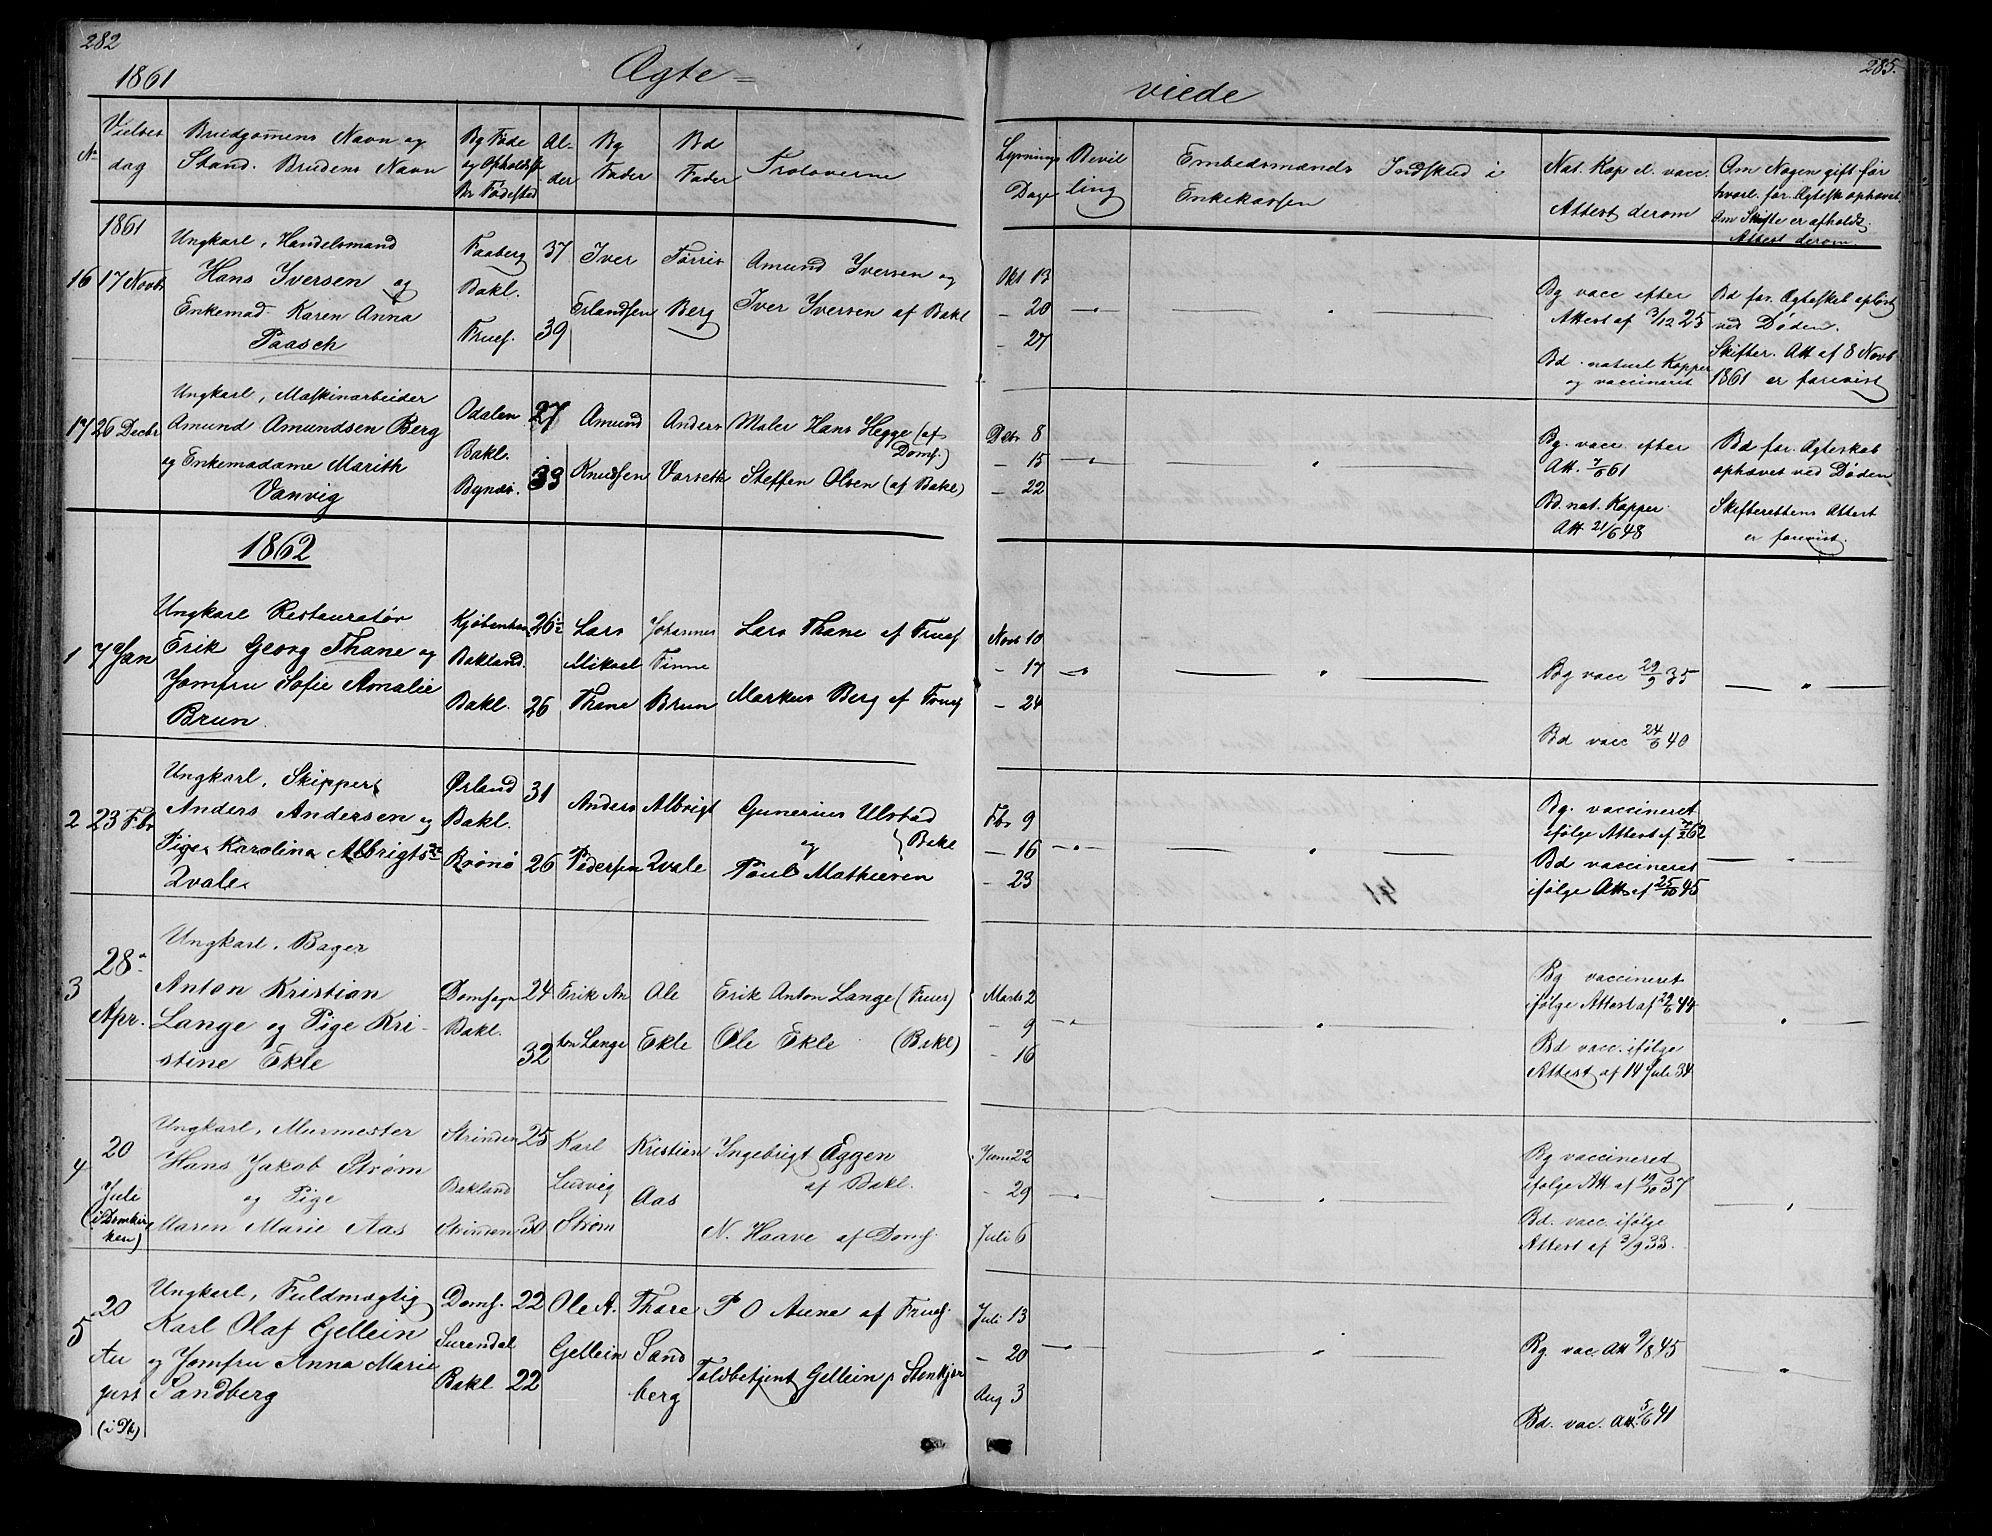 SAT, Ministerialprotokoller, klokkerbøker og fødselsregistre - Sør-Trøndelag, 604/L0219: Klokkerbok nr. 604C02, 1851-1869, s. 282-283